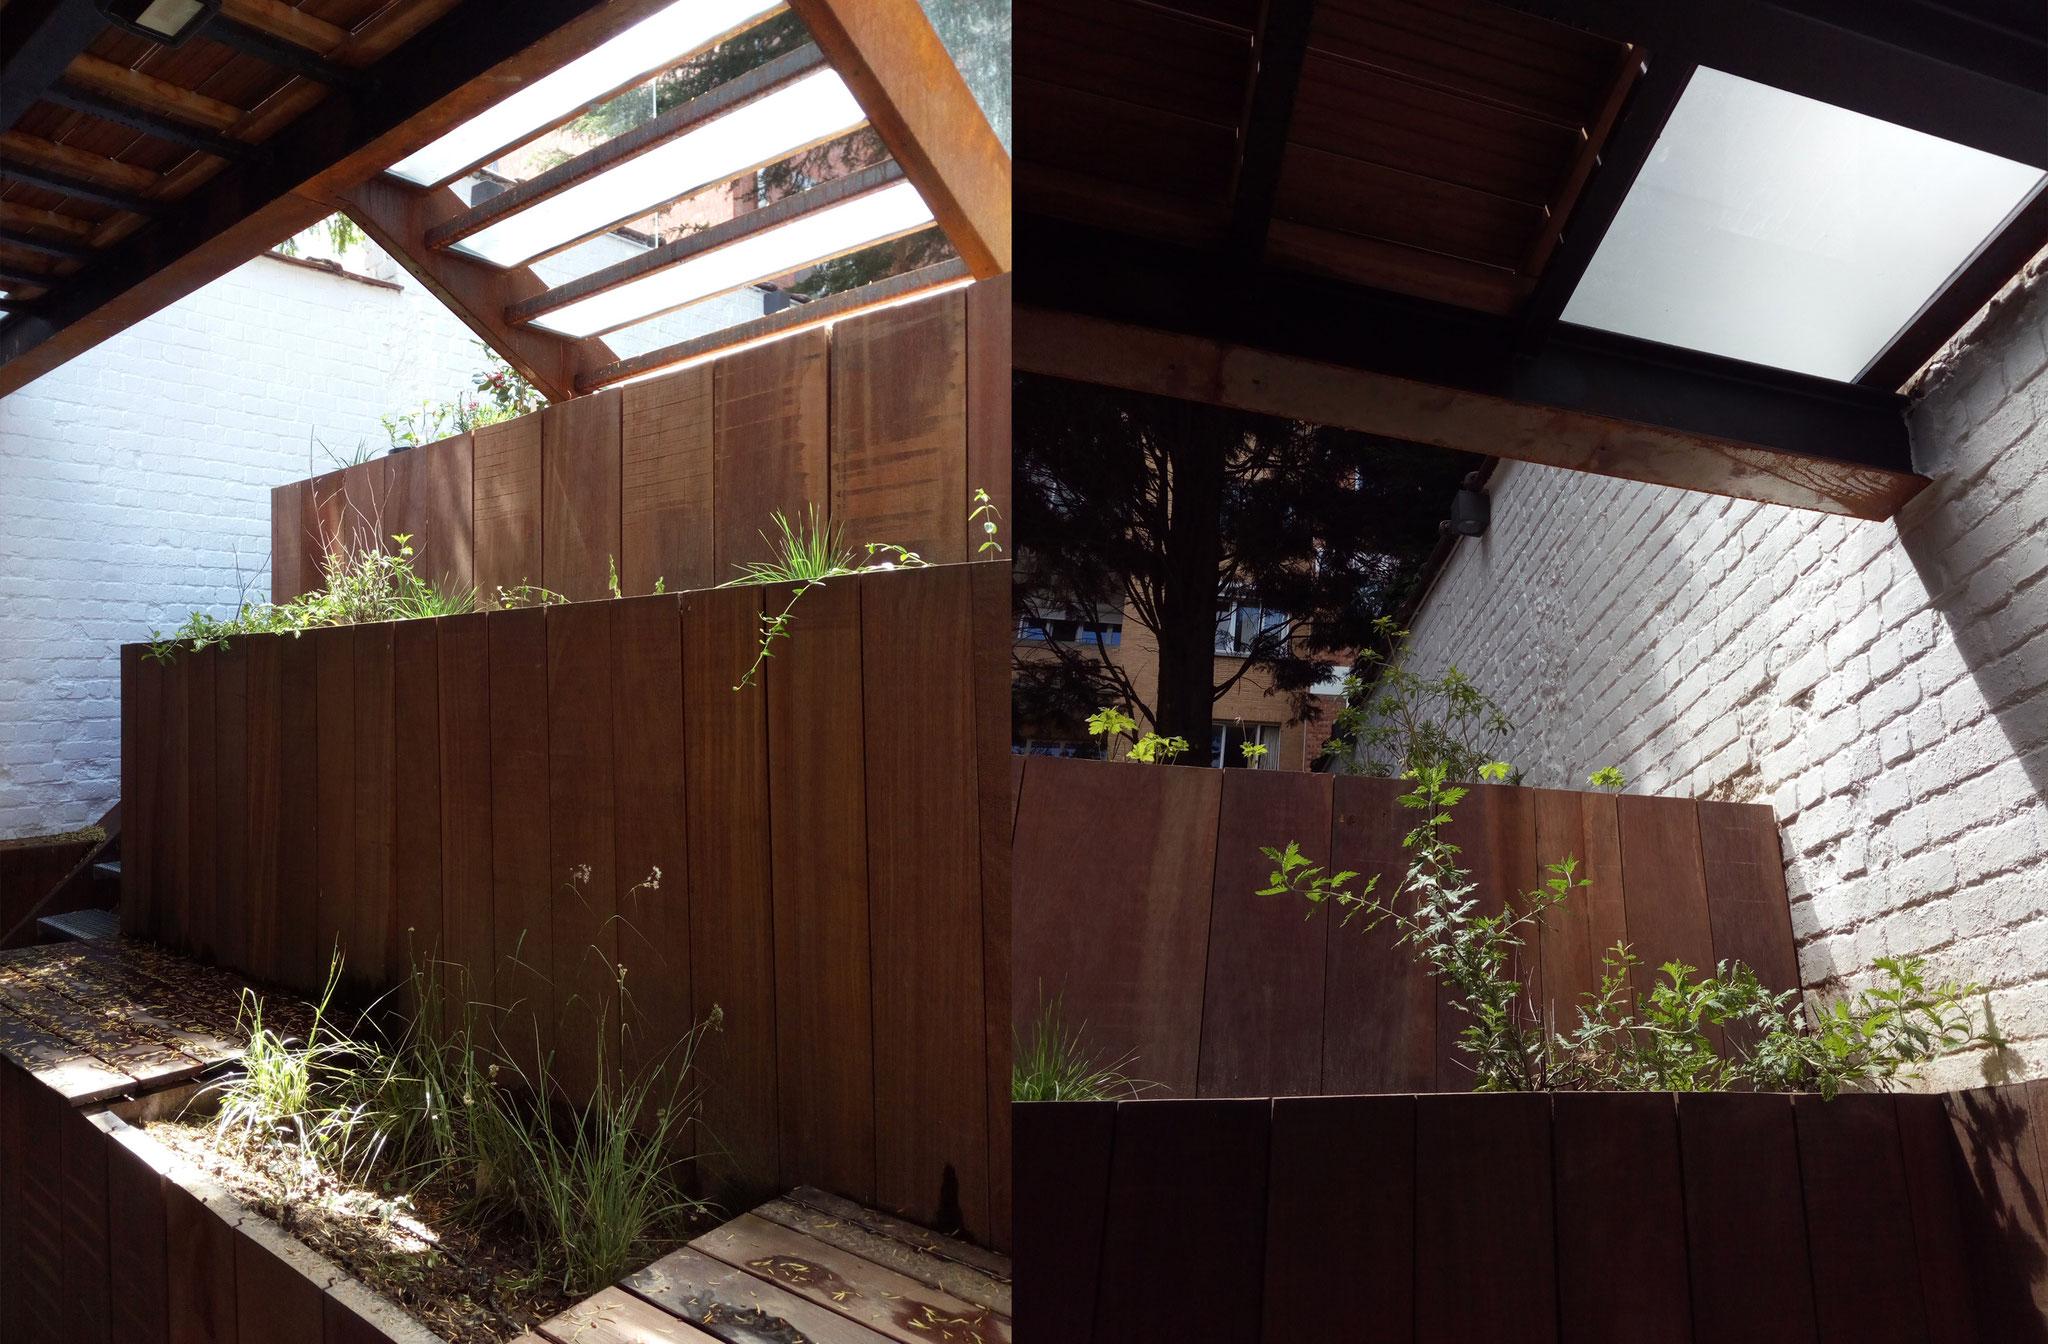 Cour sur 4 niveaux - Sous-sol - Bois, Corten & verre - Amenagement jardin Bruxelles